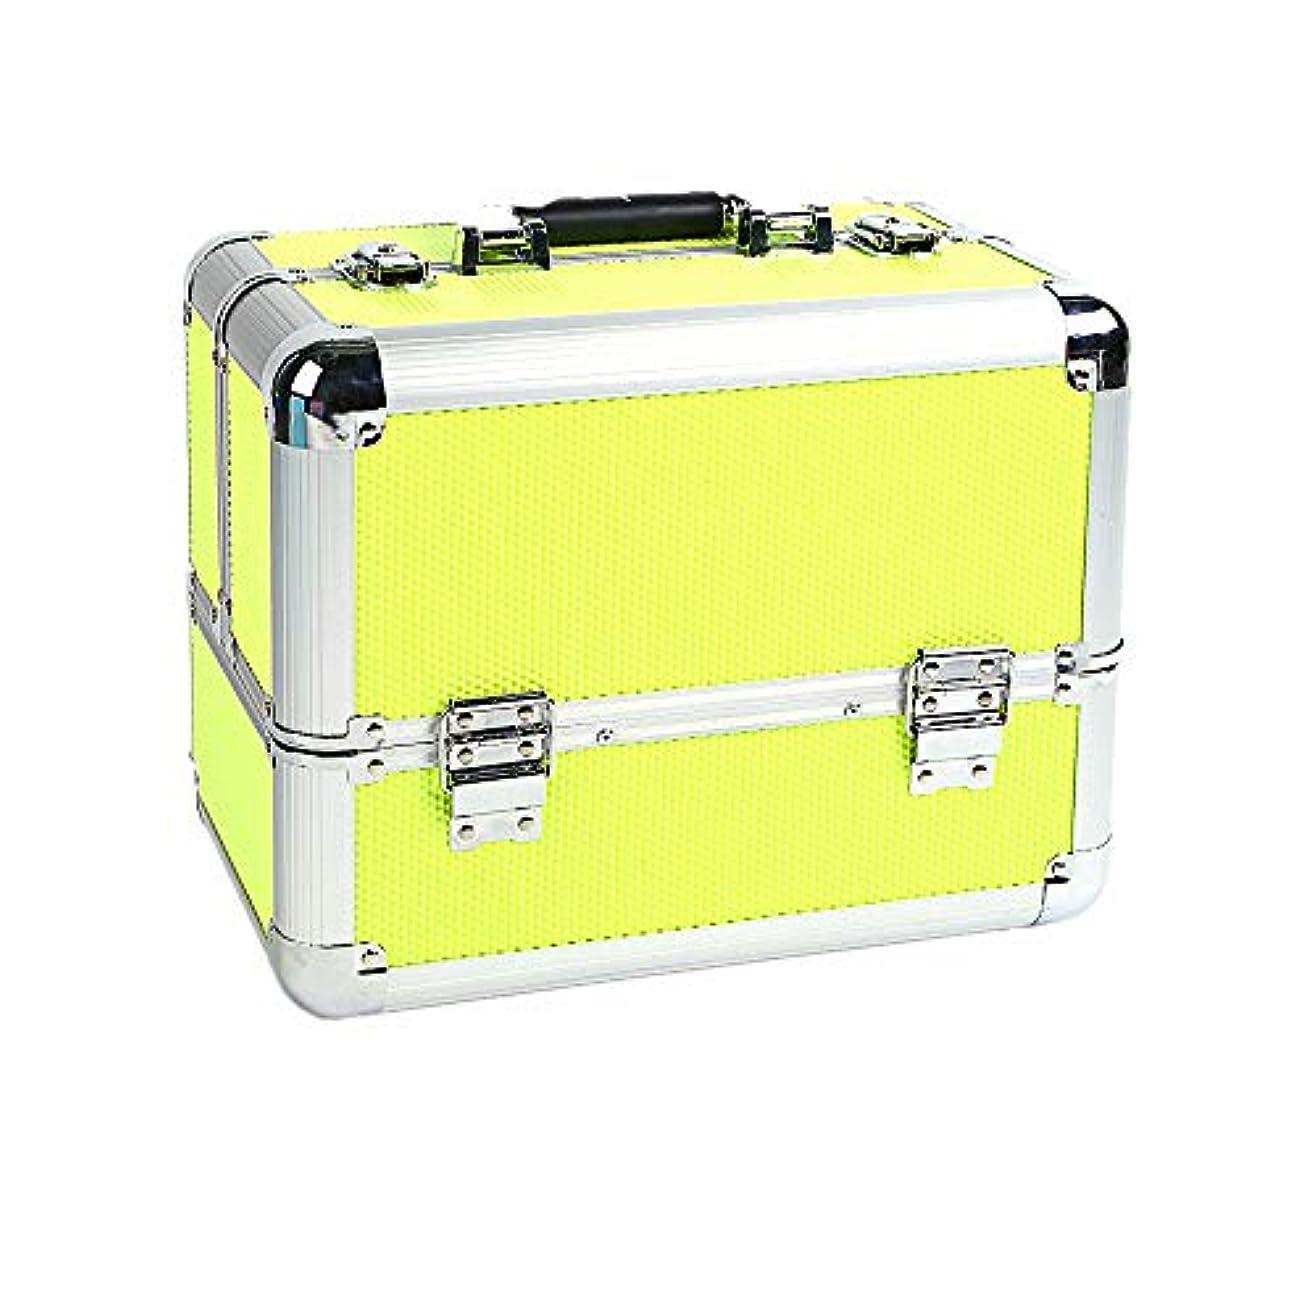 つかの間ひどく規制する化粧オーガナイザーバッグ 大容量ポータブル化粧品ケース用トラベルアクセサリーシャンプーボディウォッシュパーソナルアイテムストレージロックと拡張トレイ 化粧品ケース